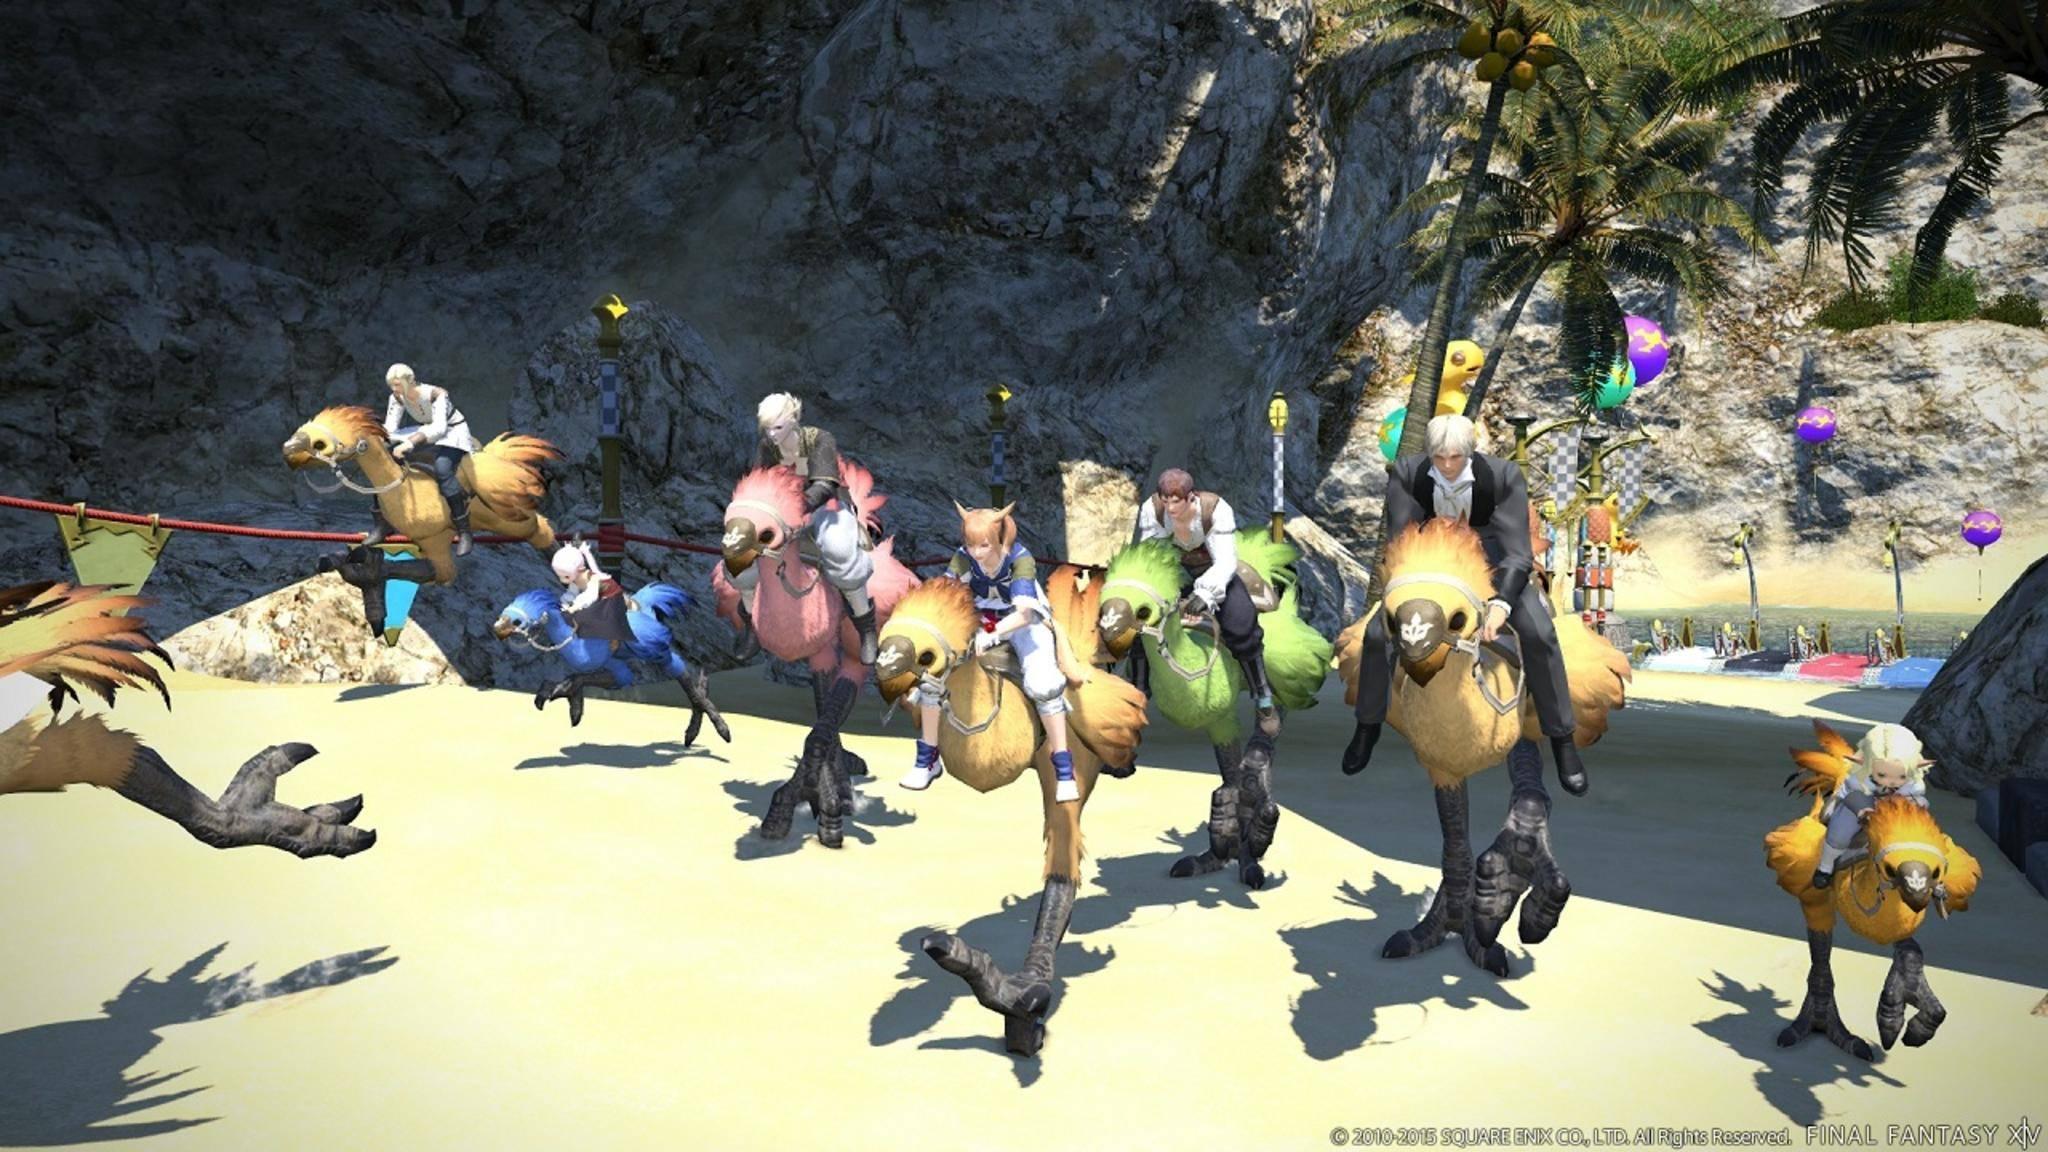 """Zentrale Figuren der """"Final Fantasy""""-Reihe wie die Chocobos sollen auch in der Serie auftauchen."""